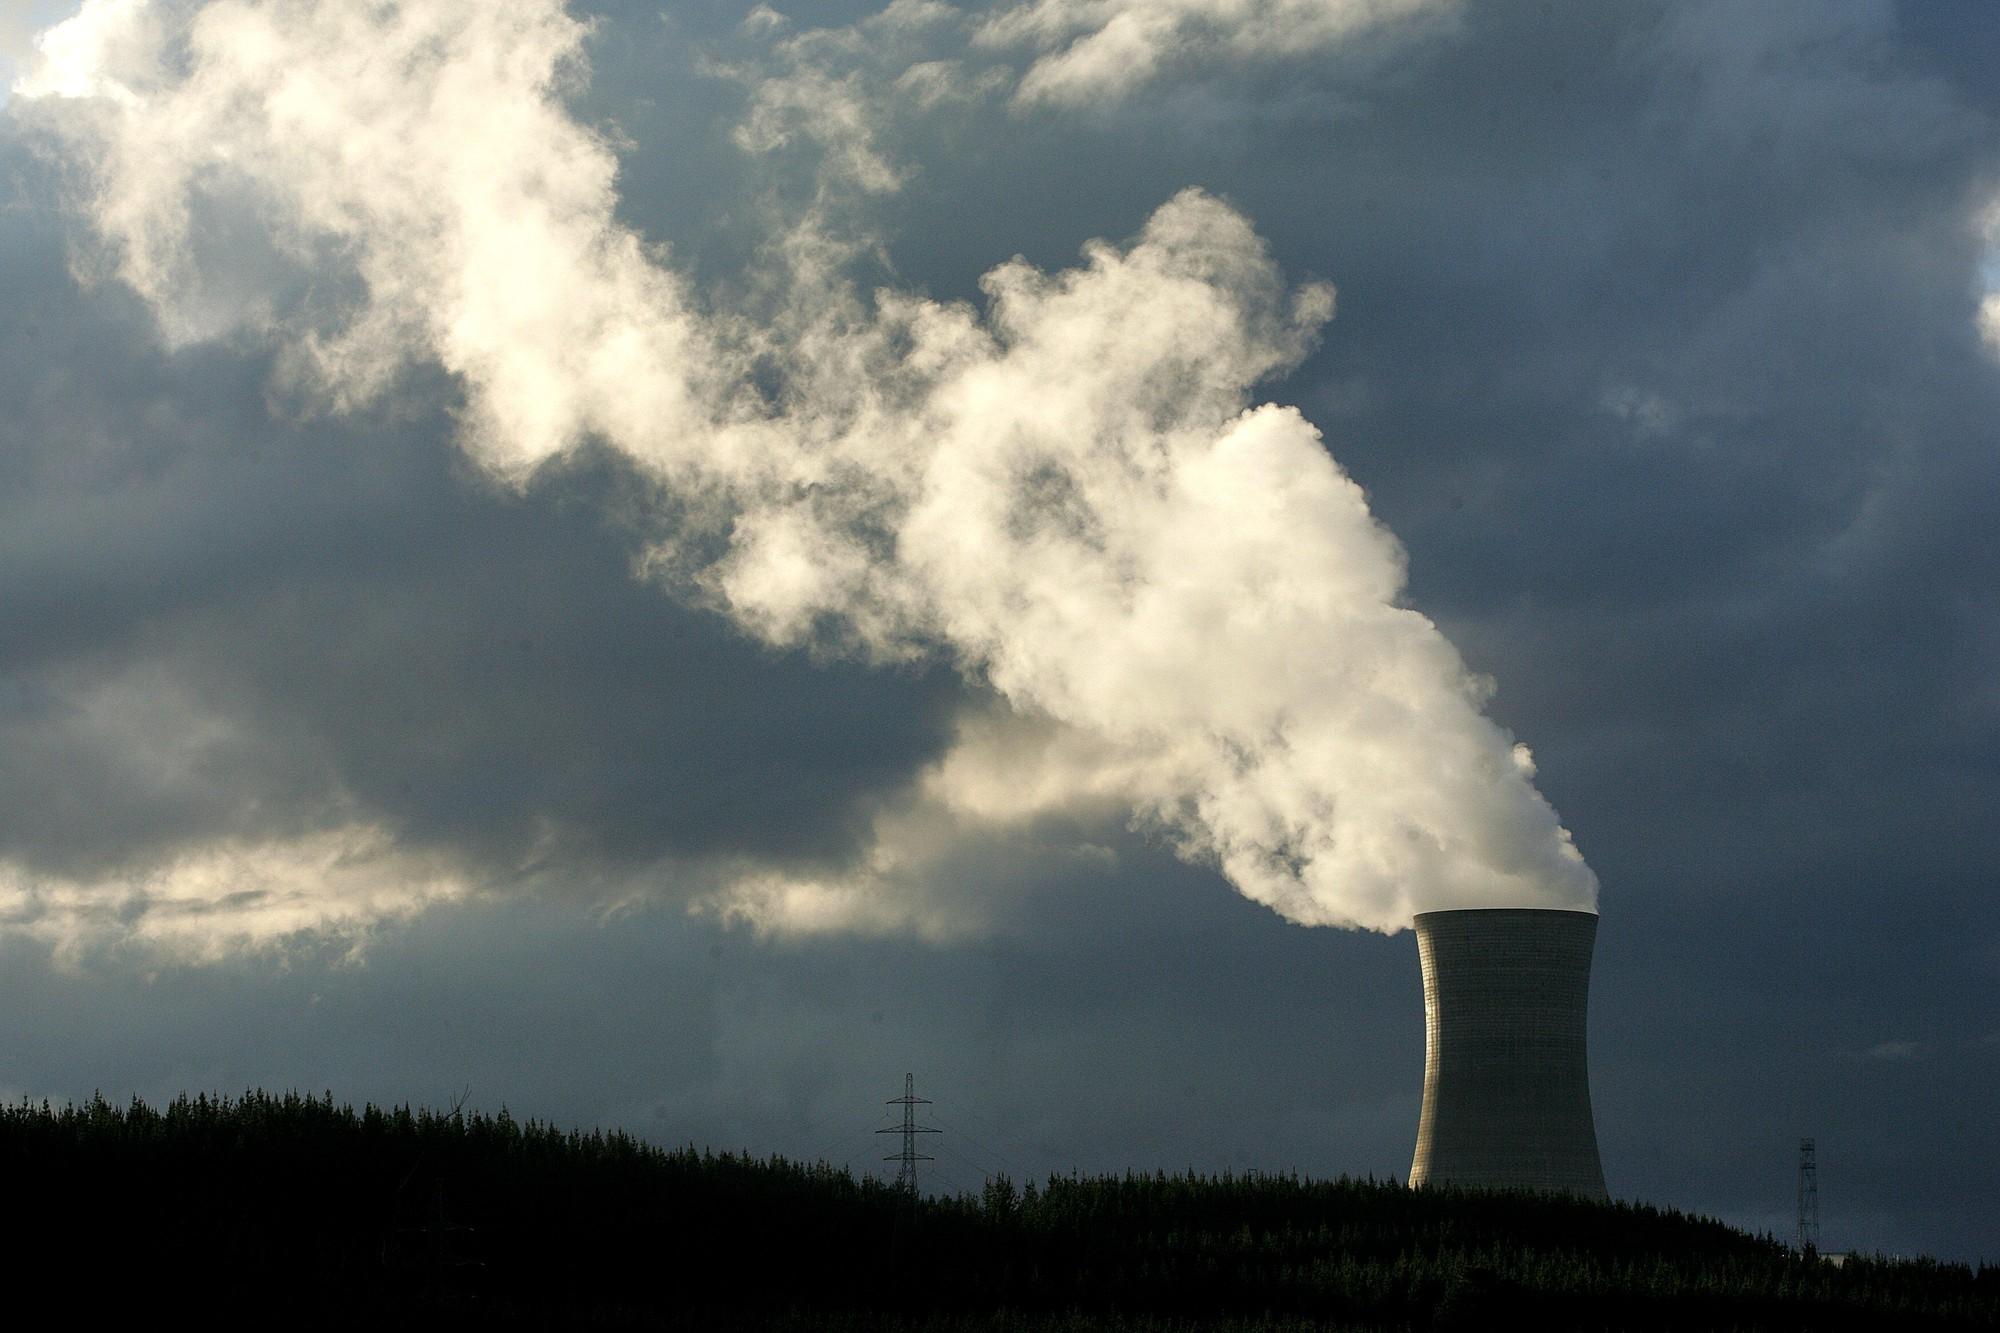 Ngàn tỉ USD của giới đầu tư có thể bốc hơi vì biến đổi khí hậu - Ảnh 1.